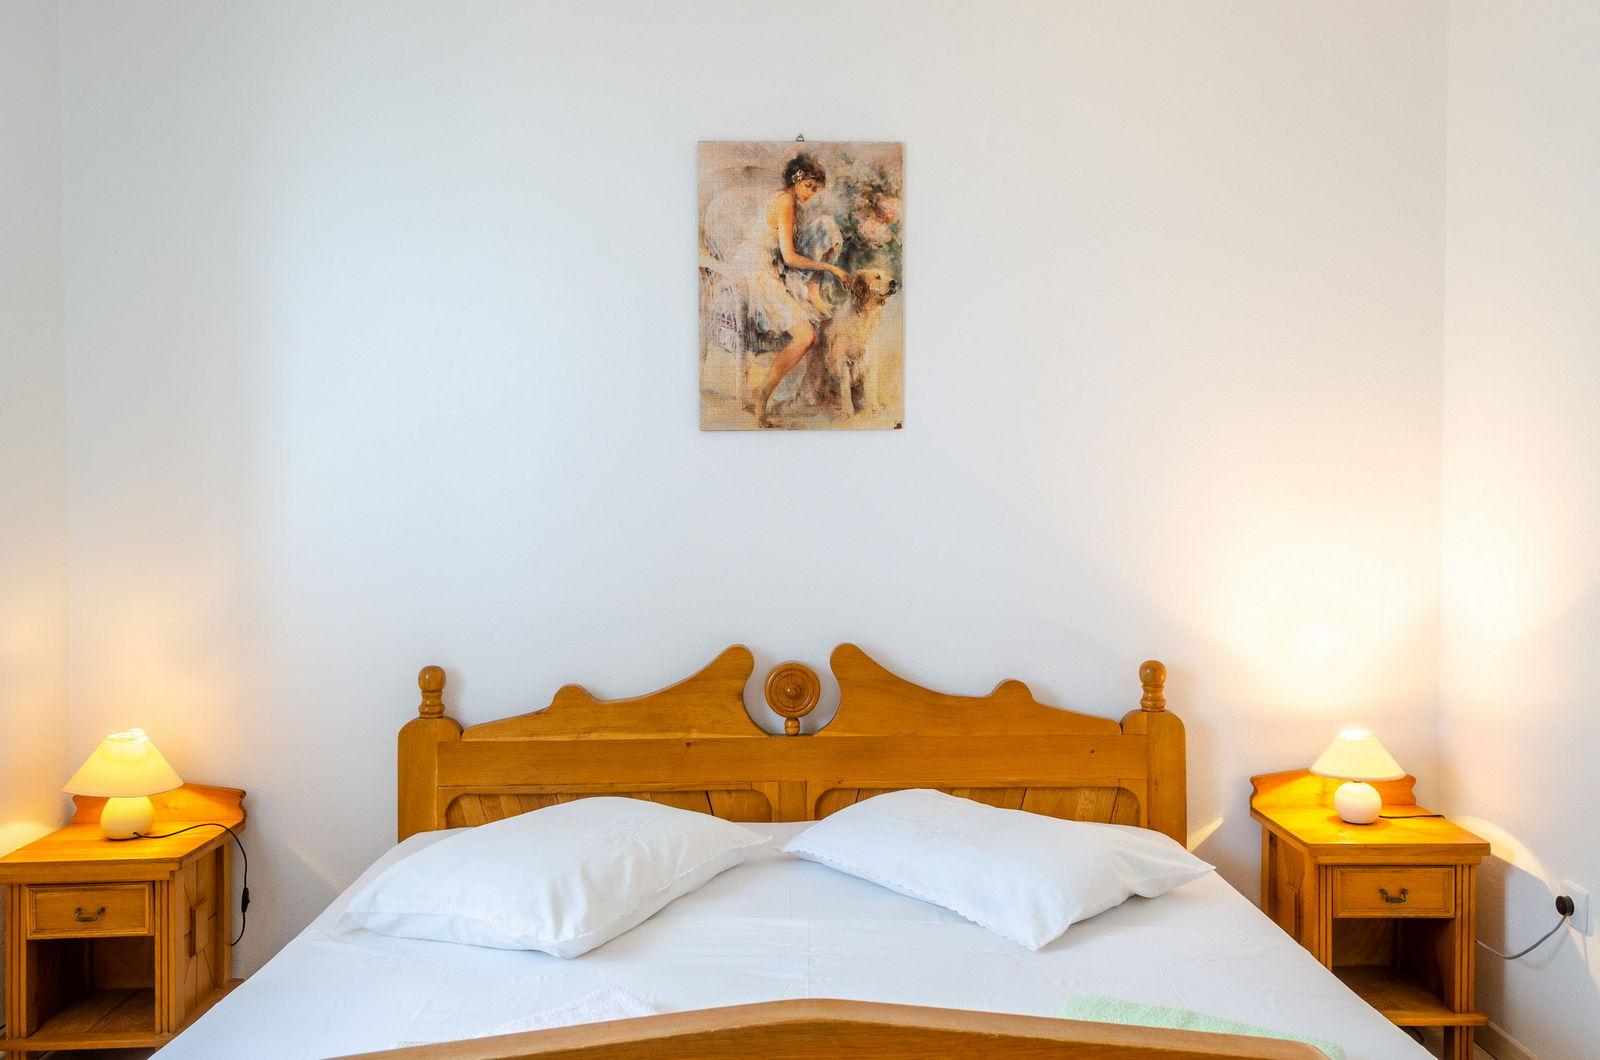 jelica ap1 bedroom 07 2019 pic 03